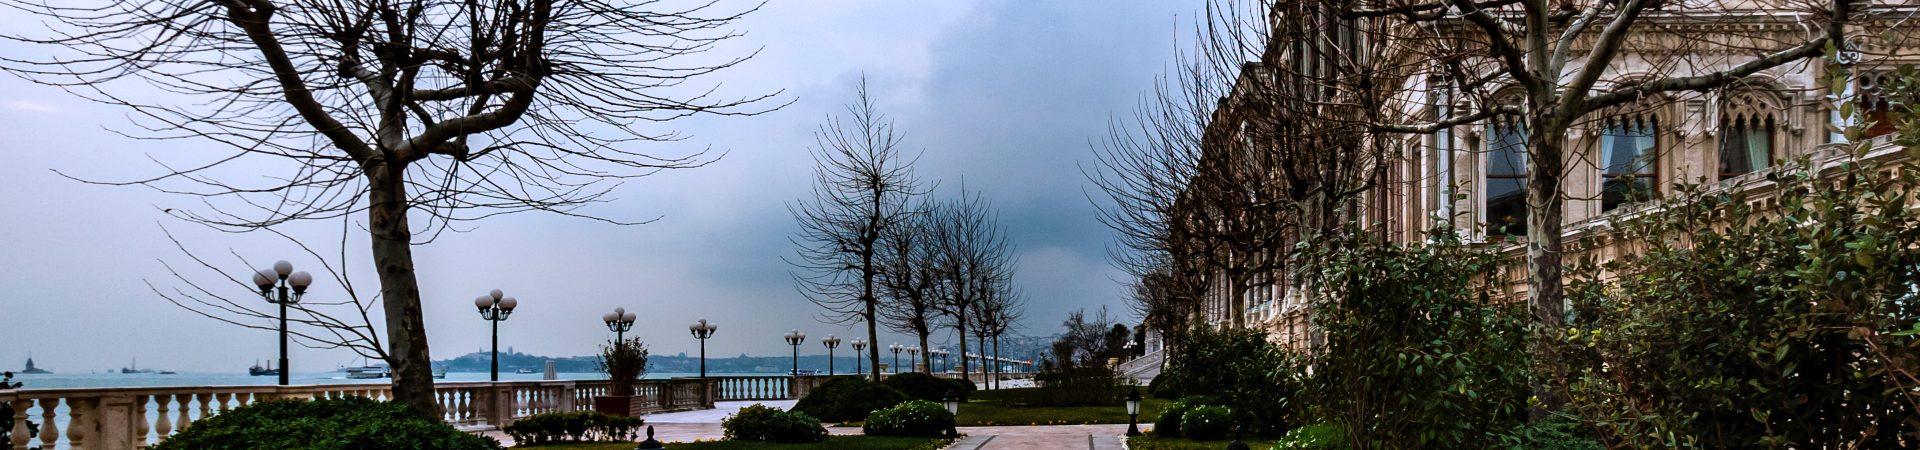 hoteller i istanbul